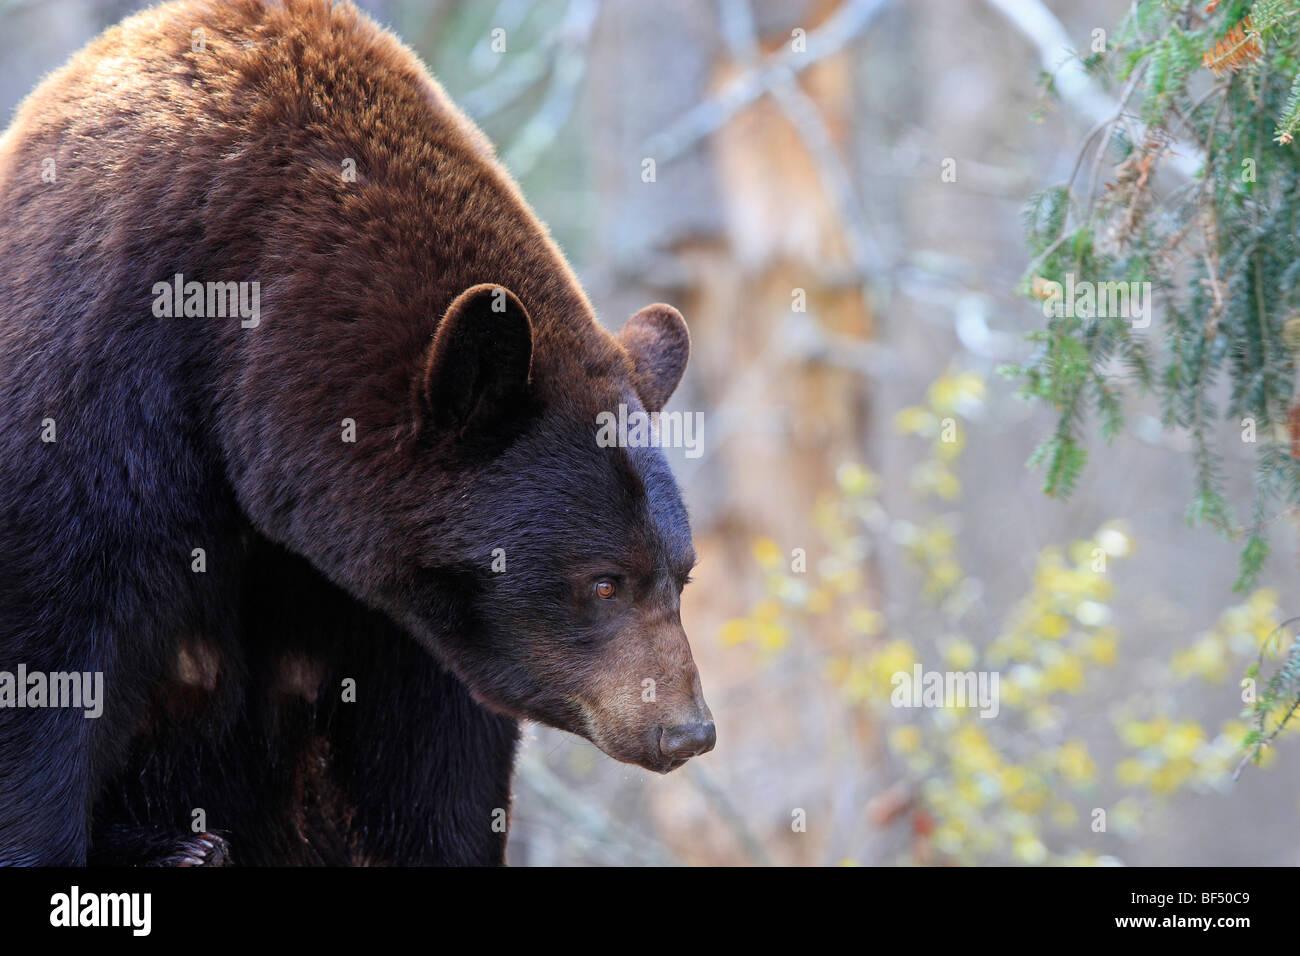 American Black Bear (Ursus americanus). Adulto cannella recare nella foresta. Immagini Stock